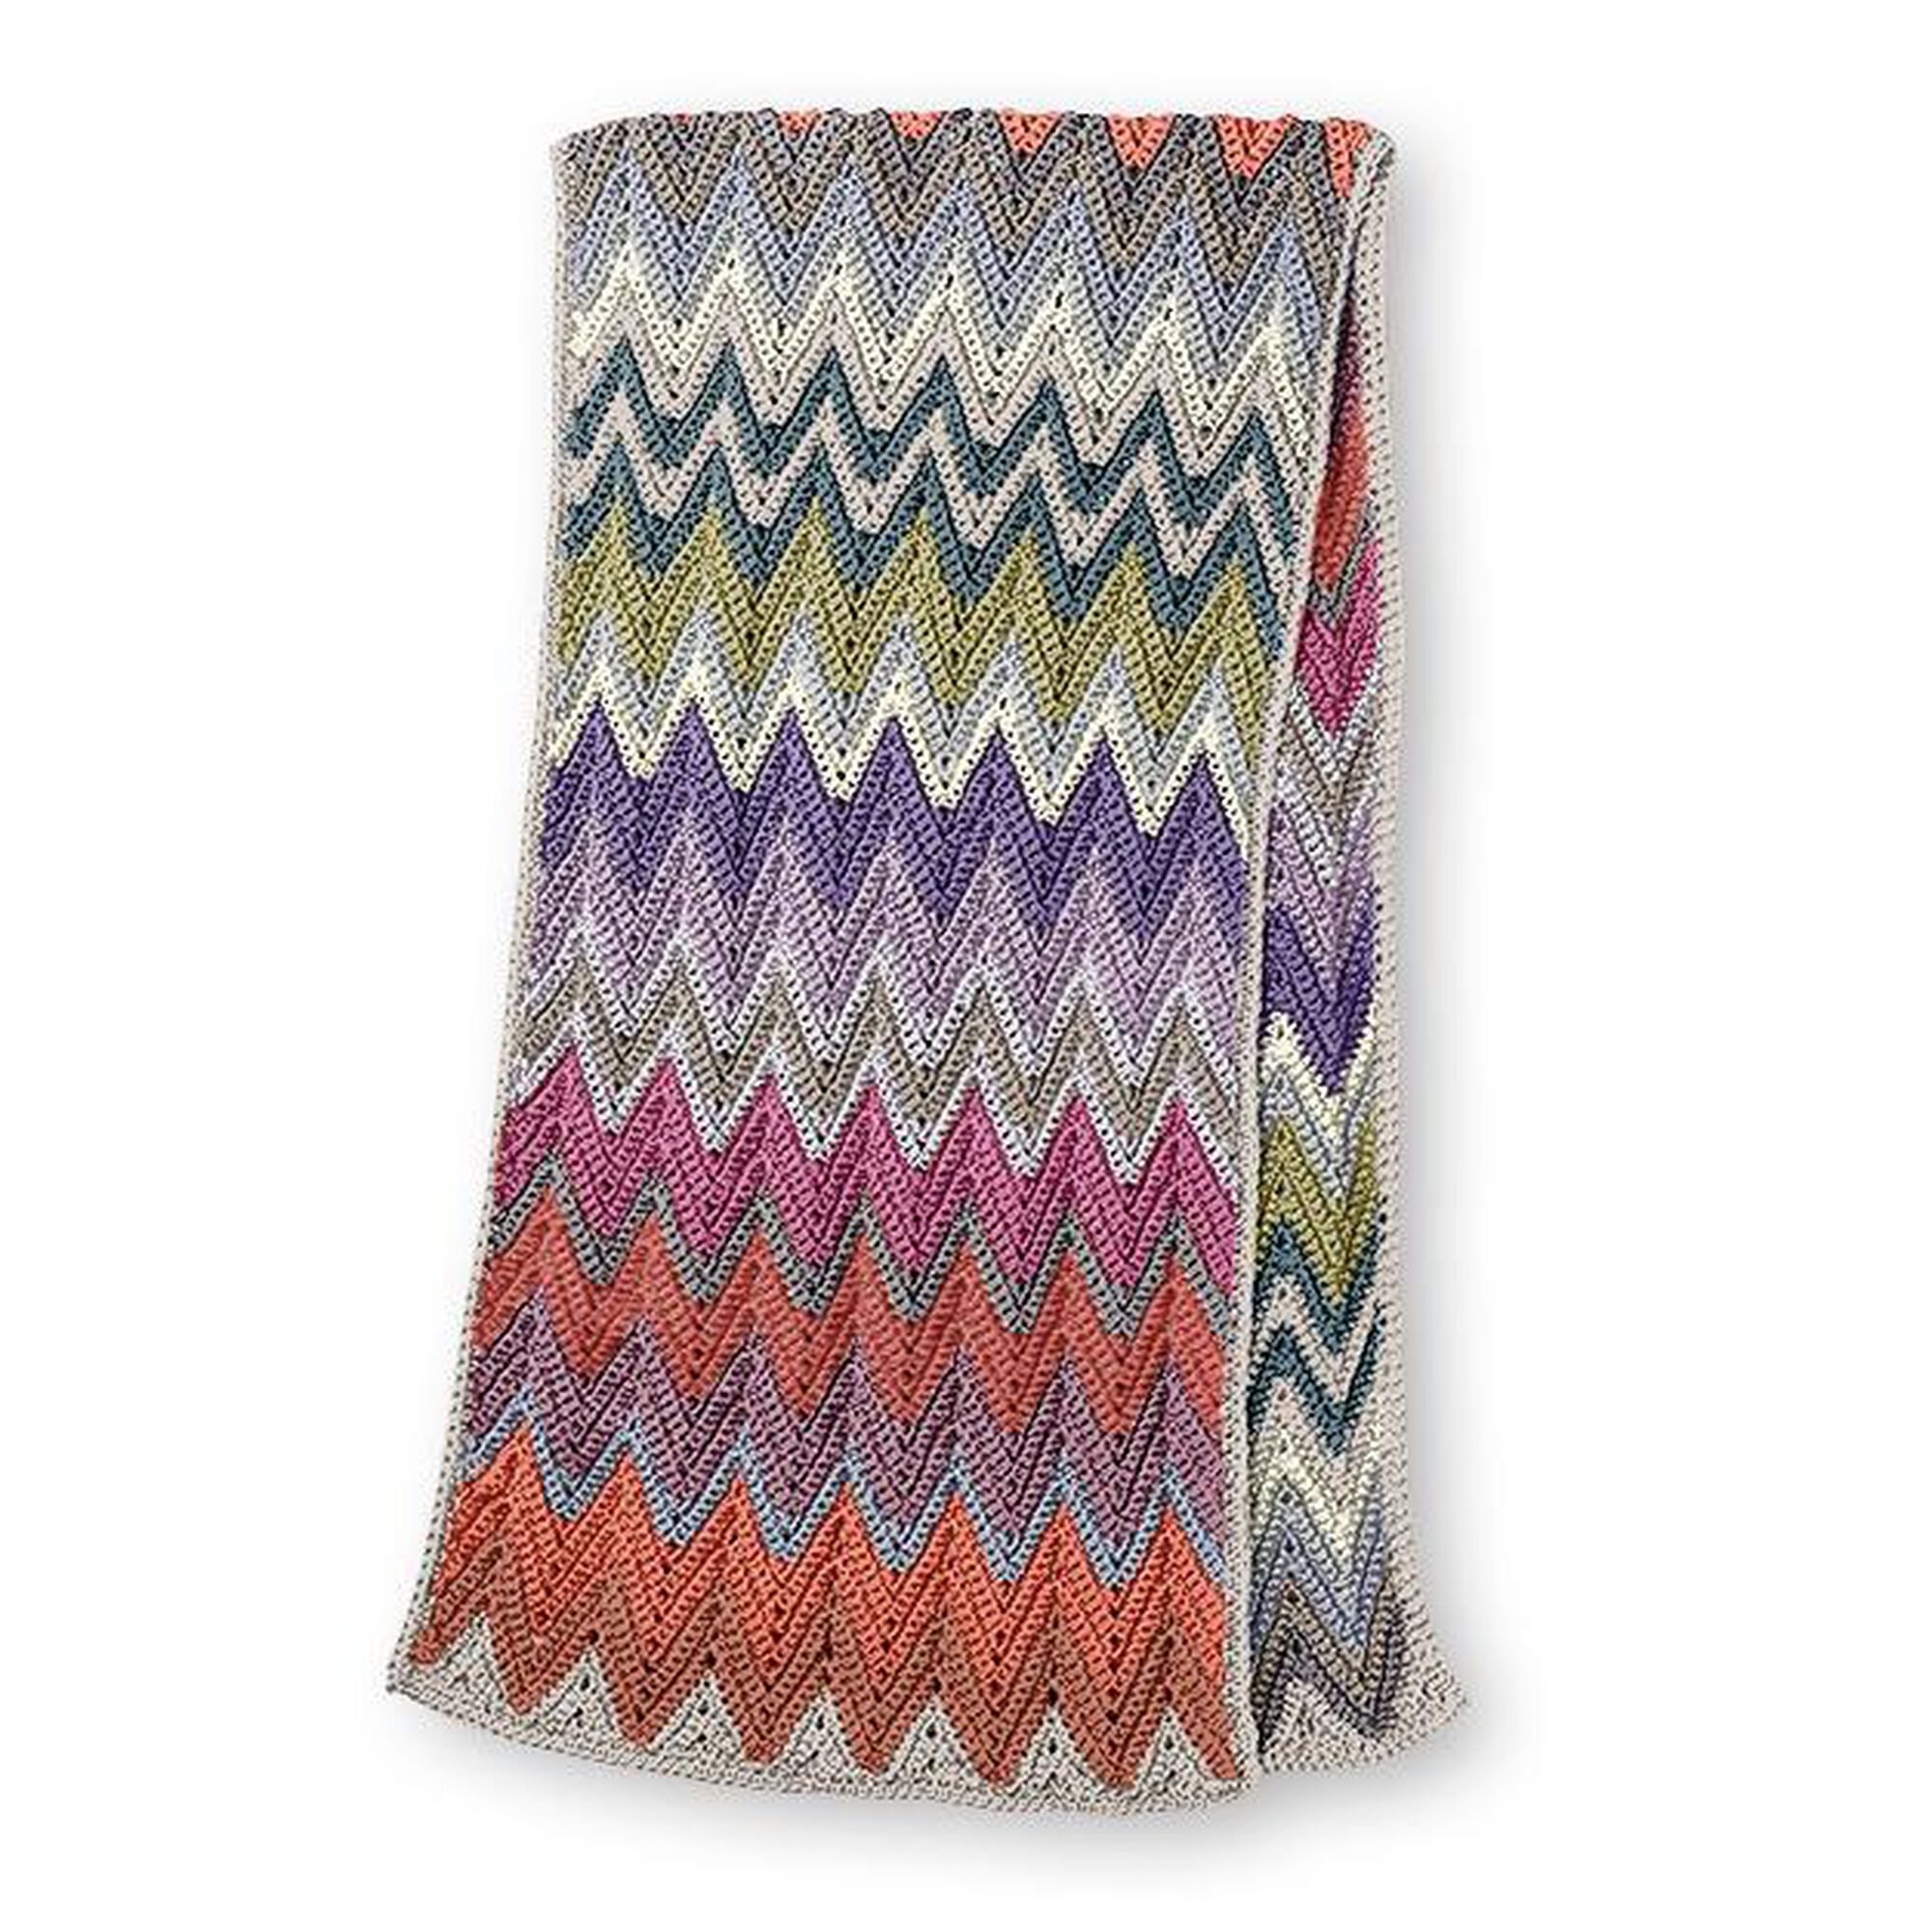 Caron X Pantone Crochet Zig Zag Rectangular Shawl Pattern